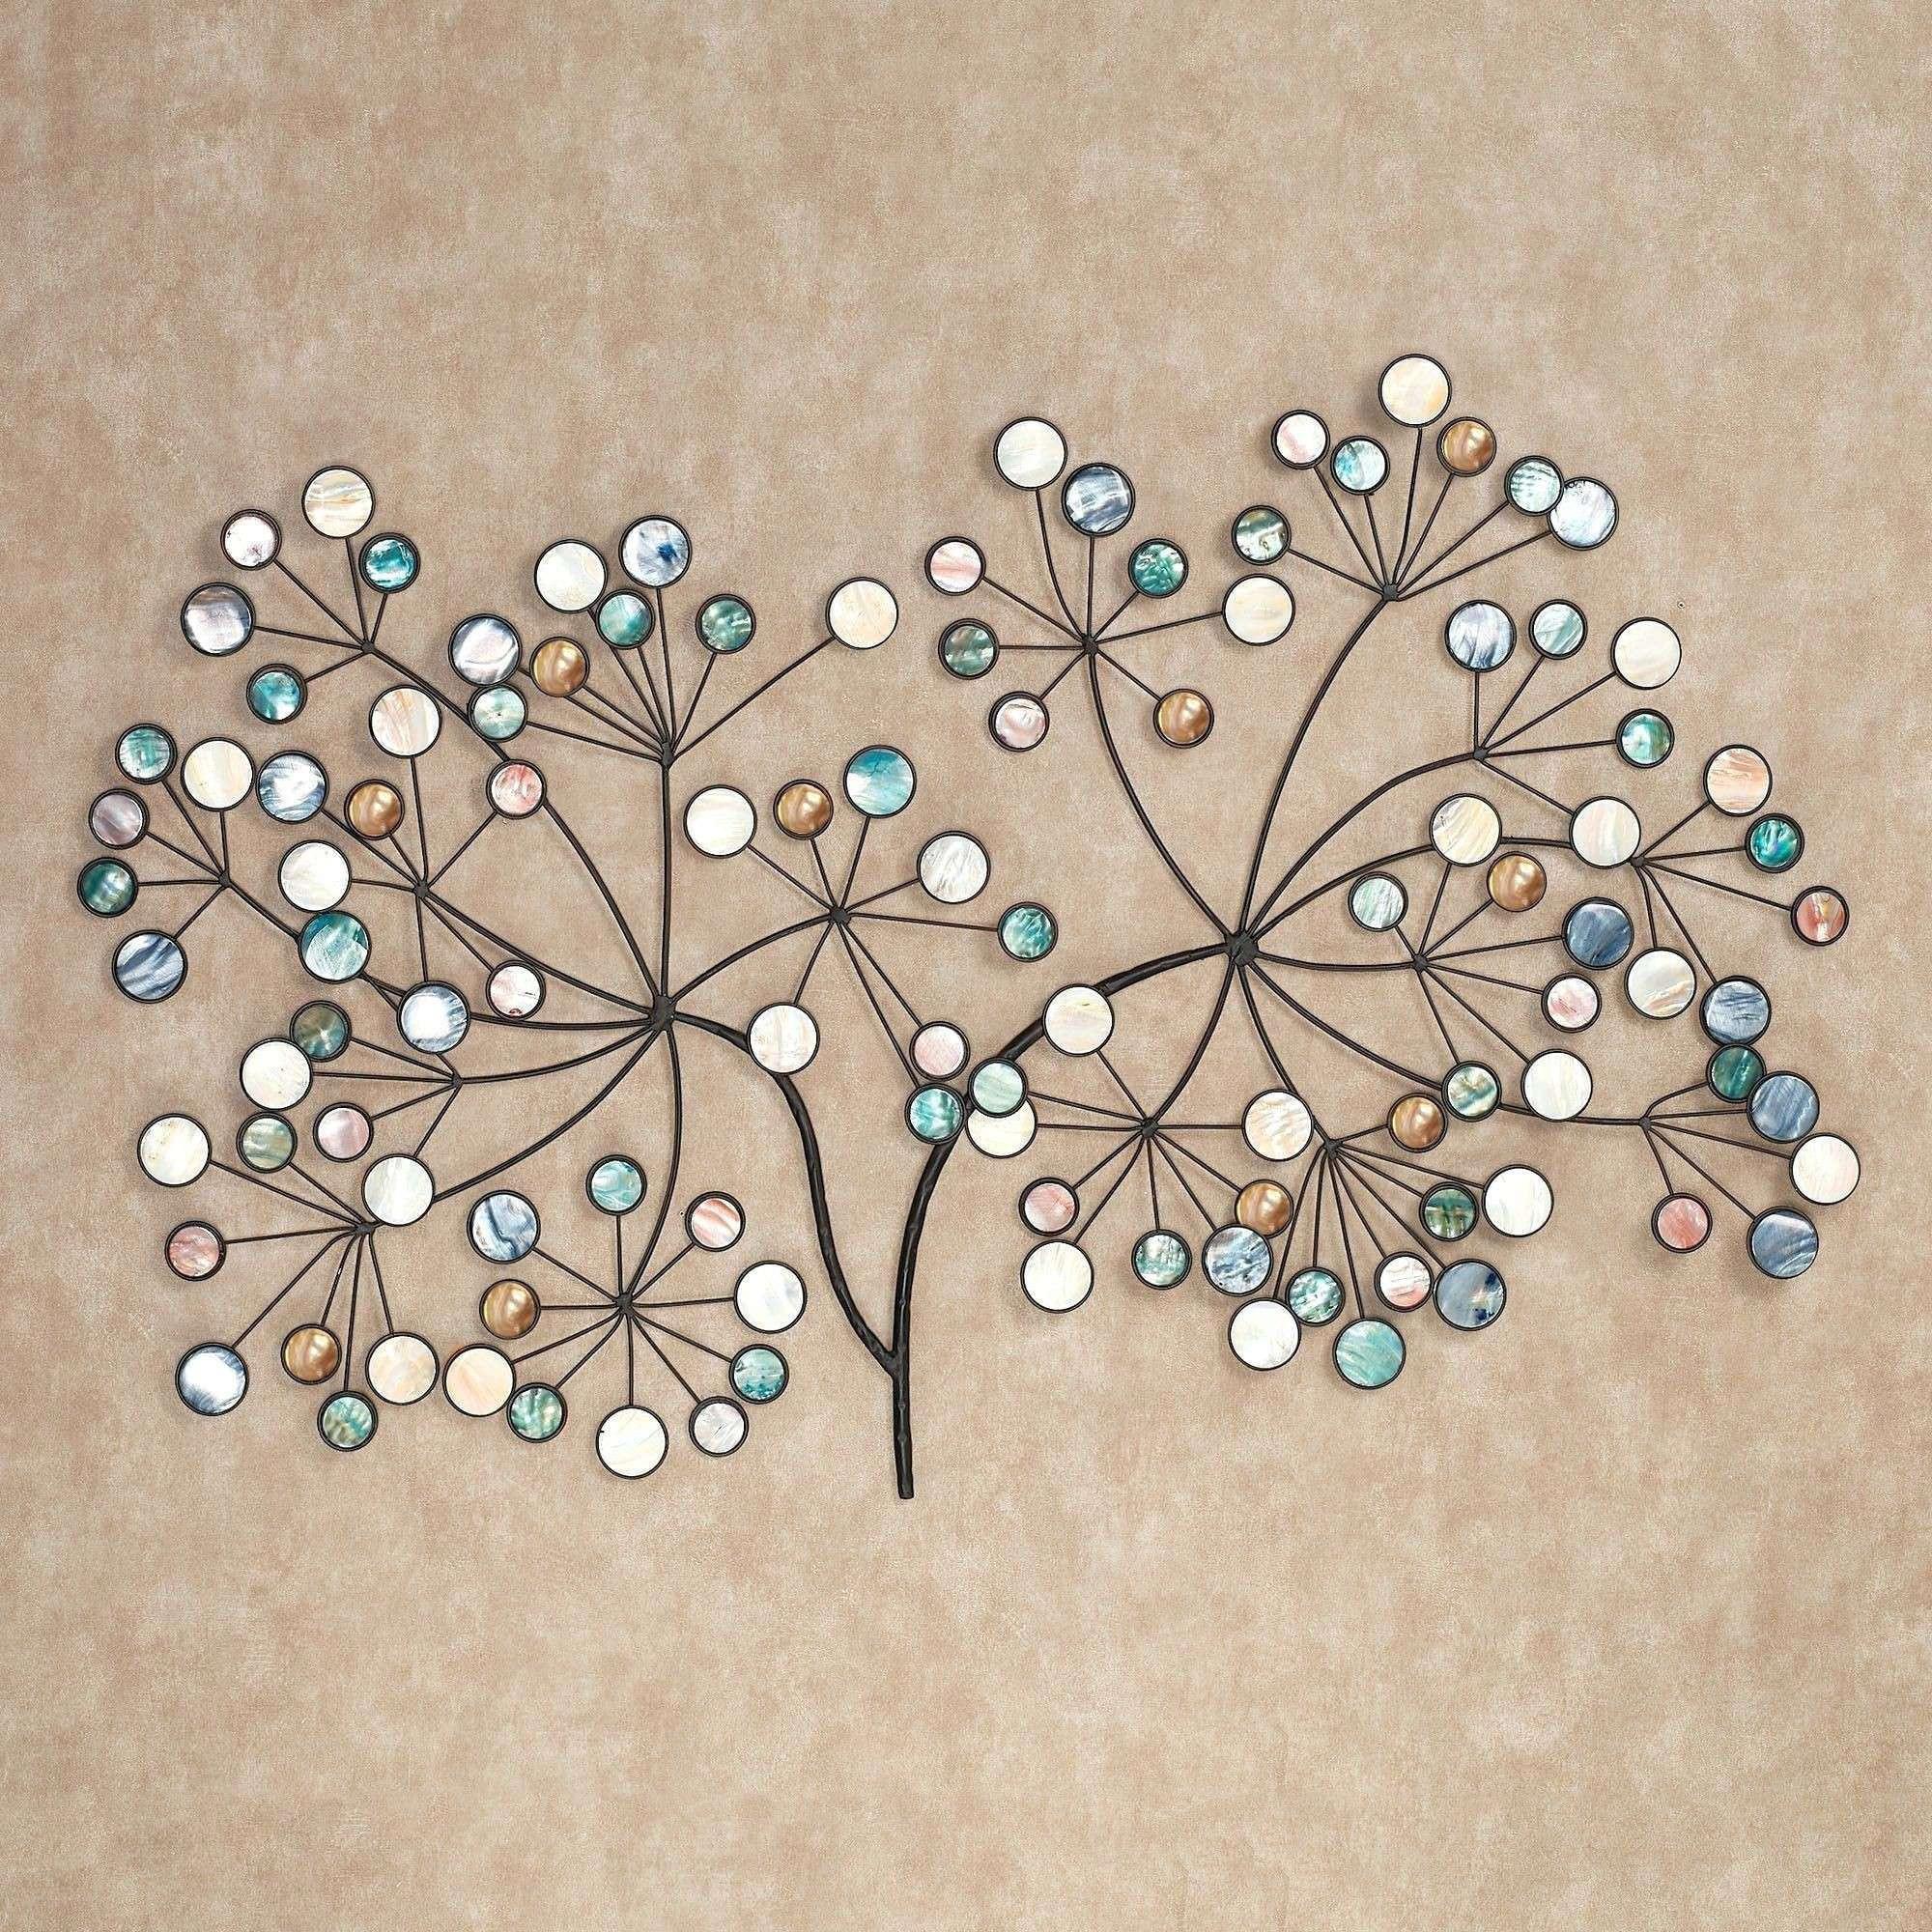 metal wall art panels fresh 1 kirkland wall decor home design 0d to glass flower wall art of glass flower wall art